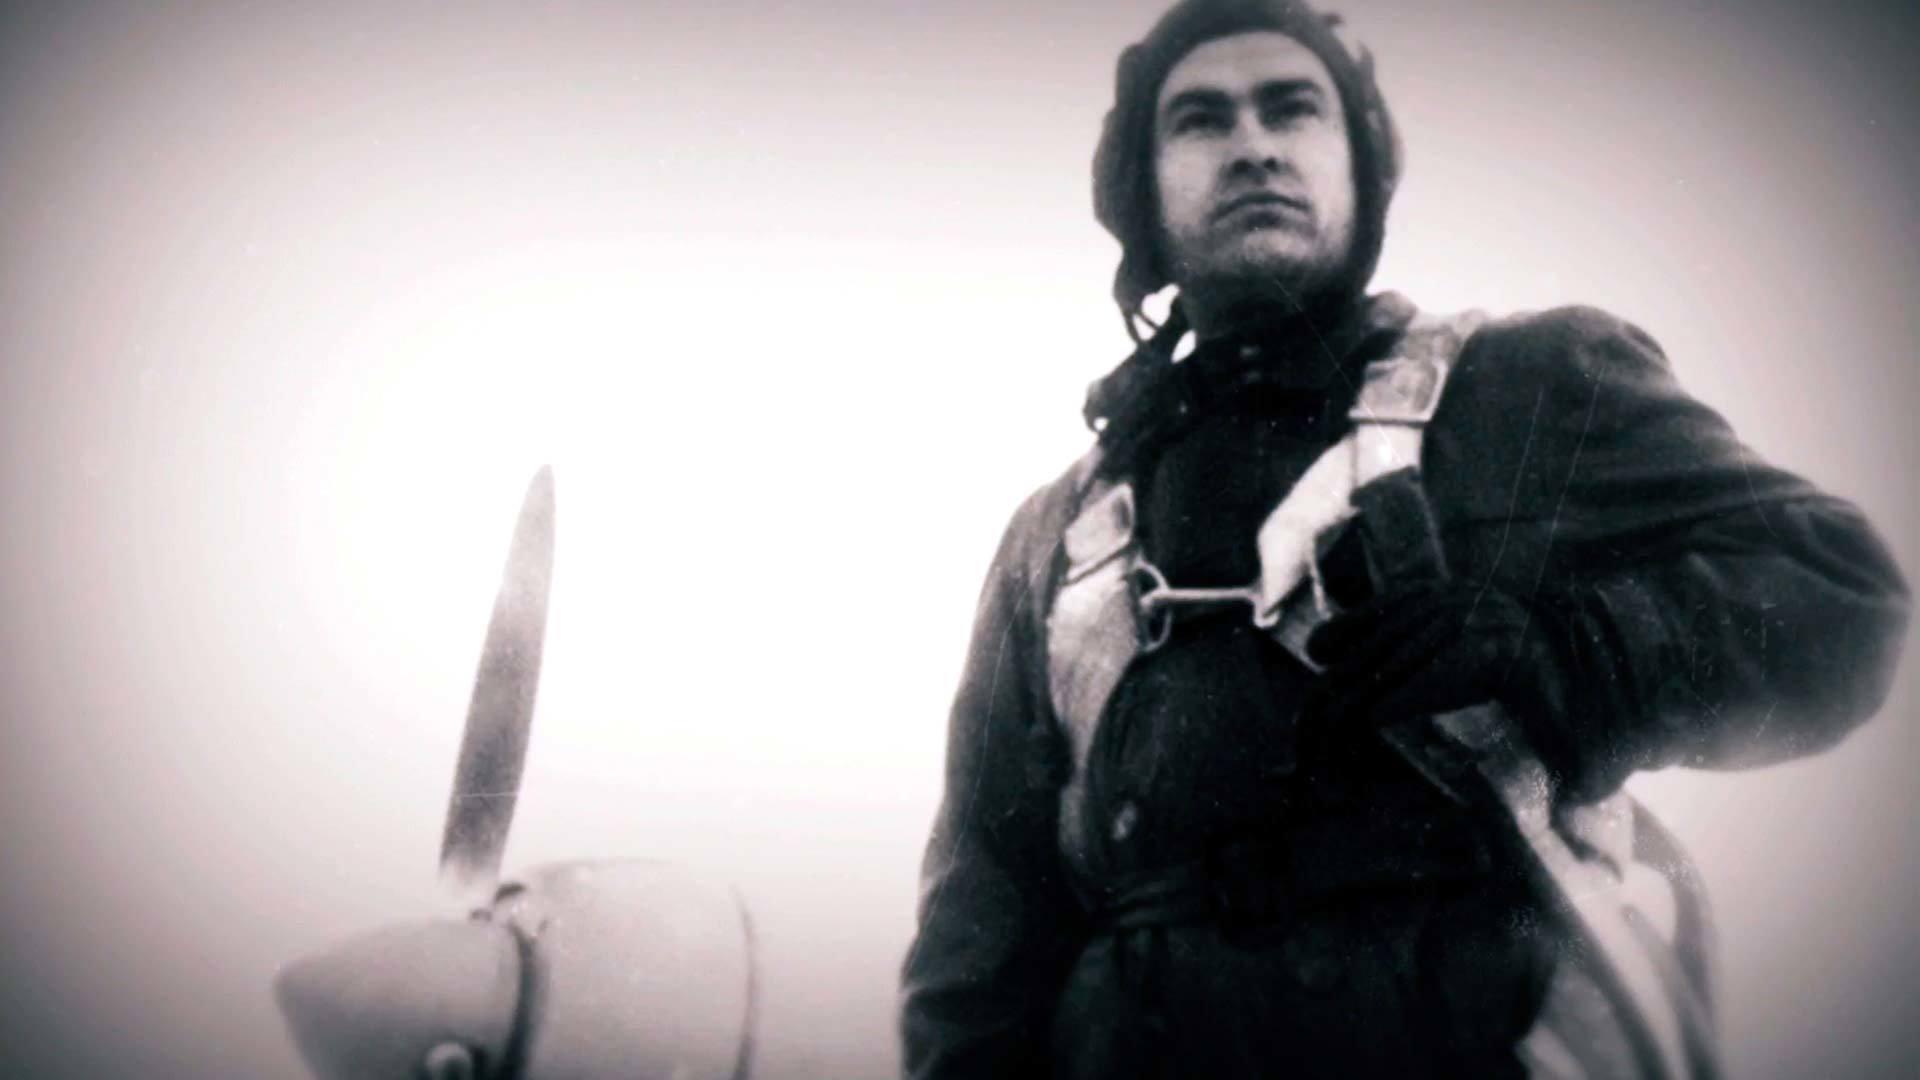 La storia di un vero uomo: Aleksej Petrovič Mares'ev